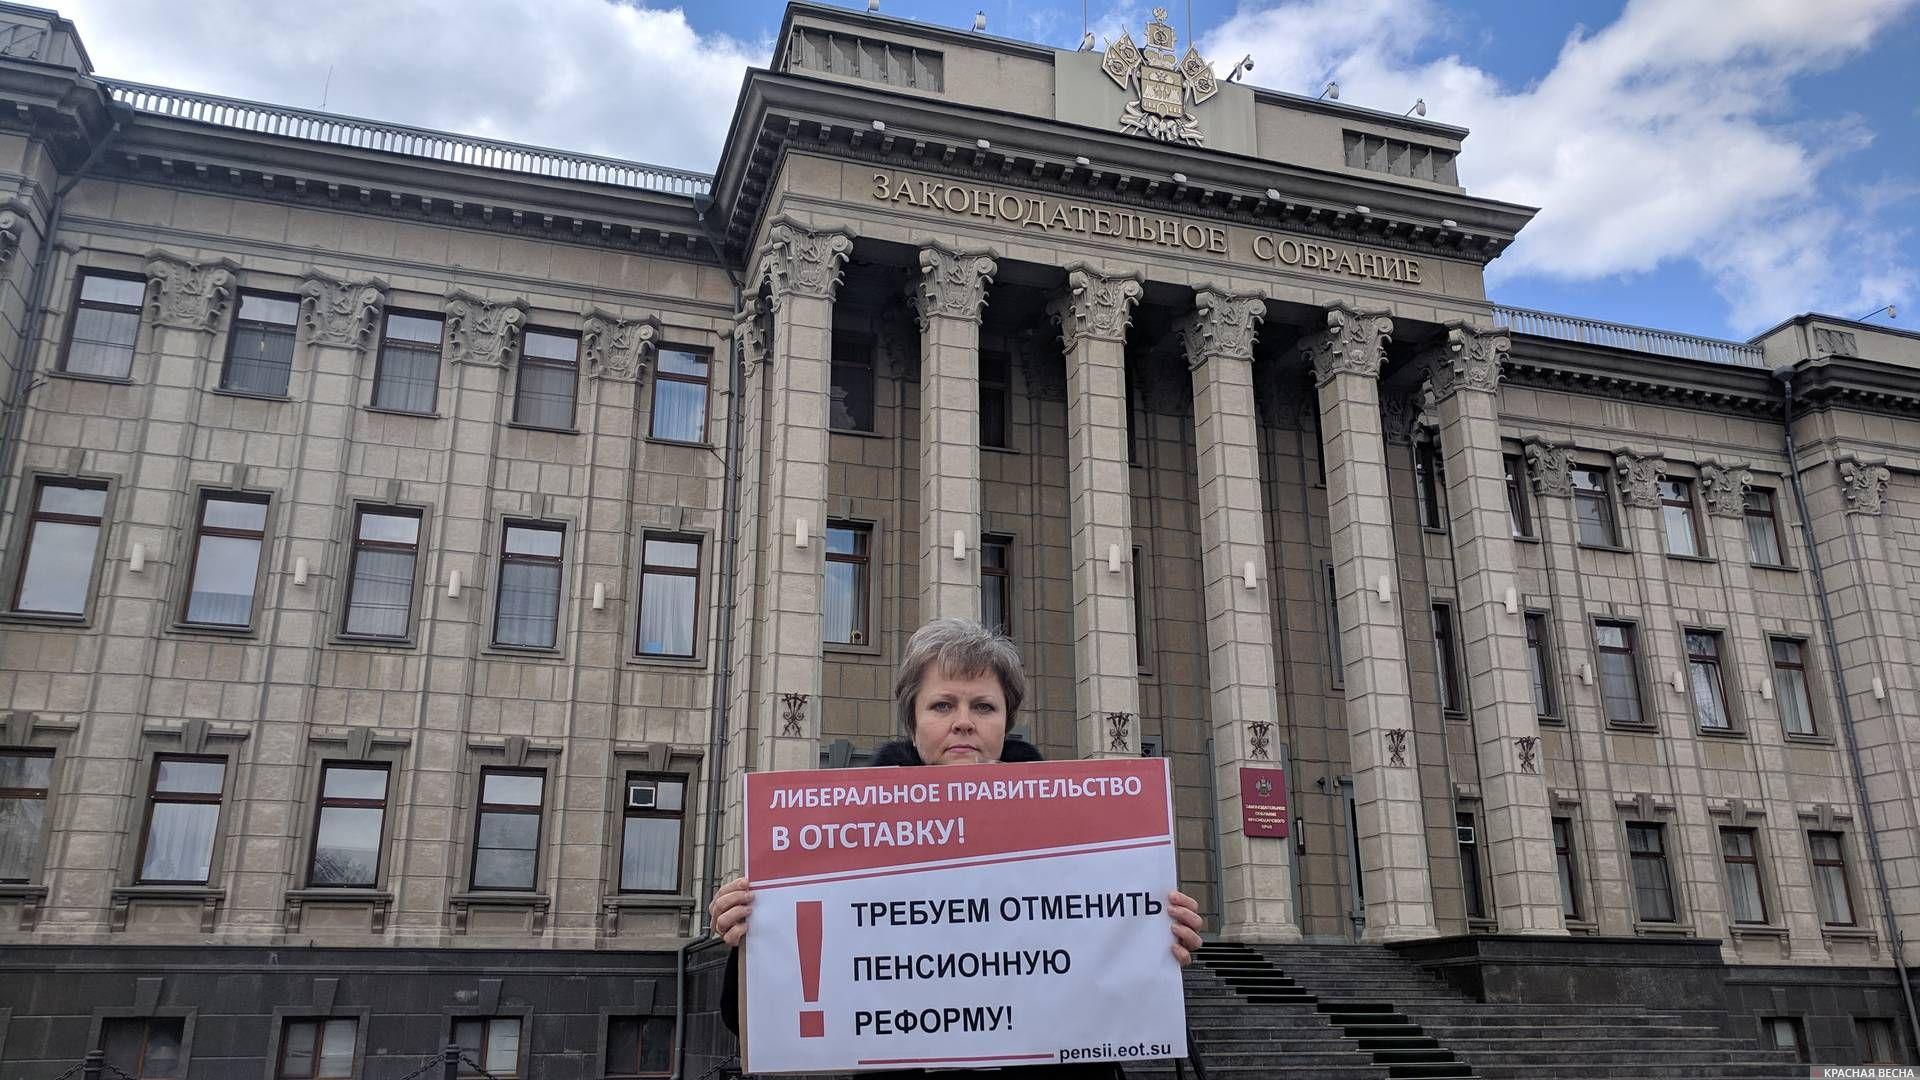 Одиночный пикет против пенсионной реформы в Краснодаре. 03.04.2019